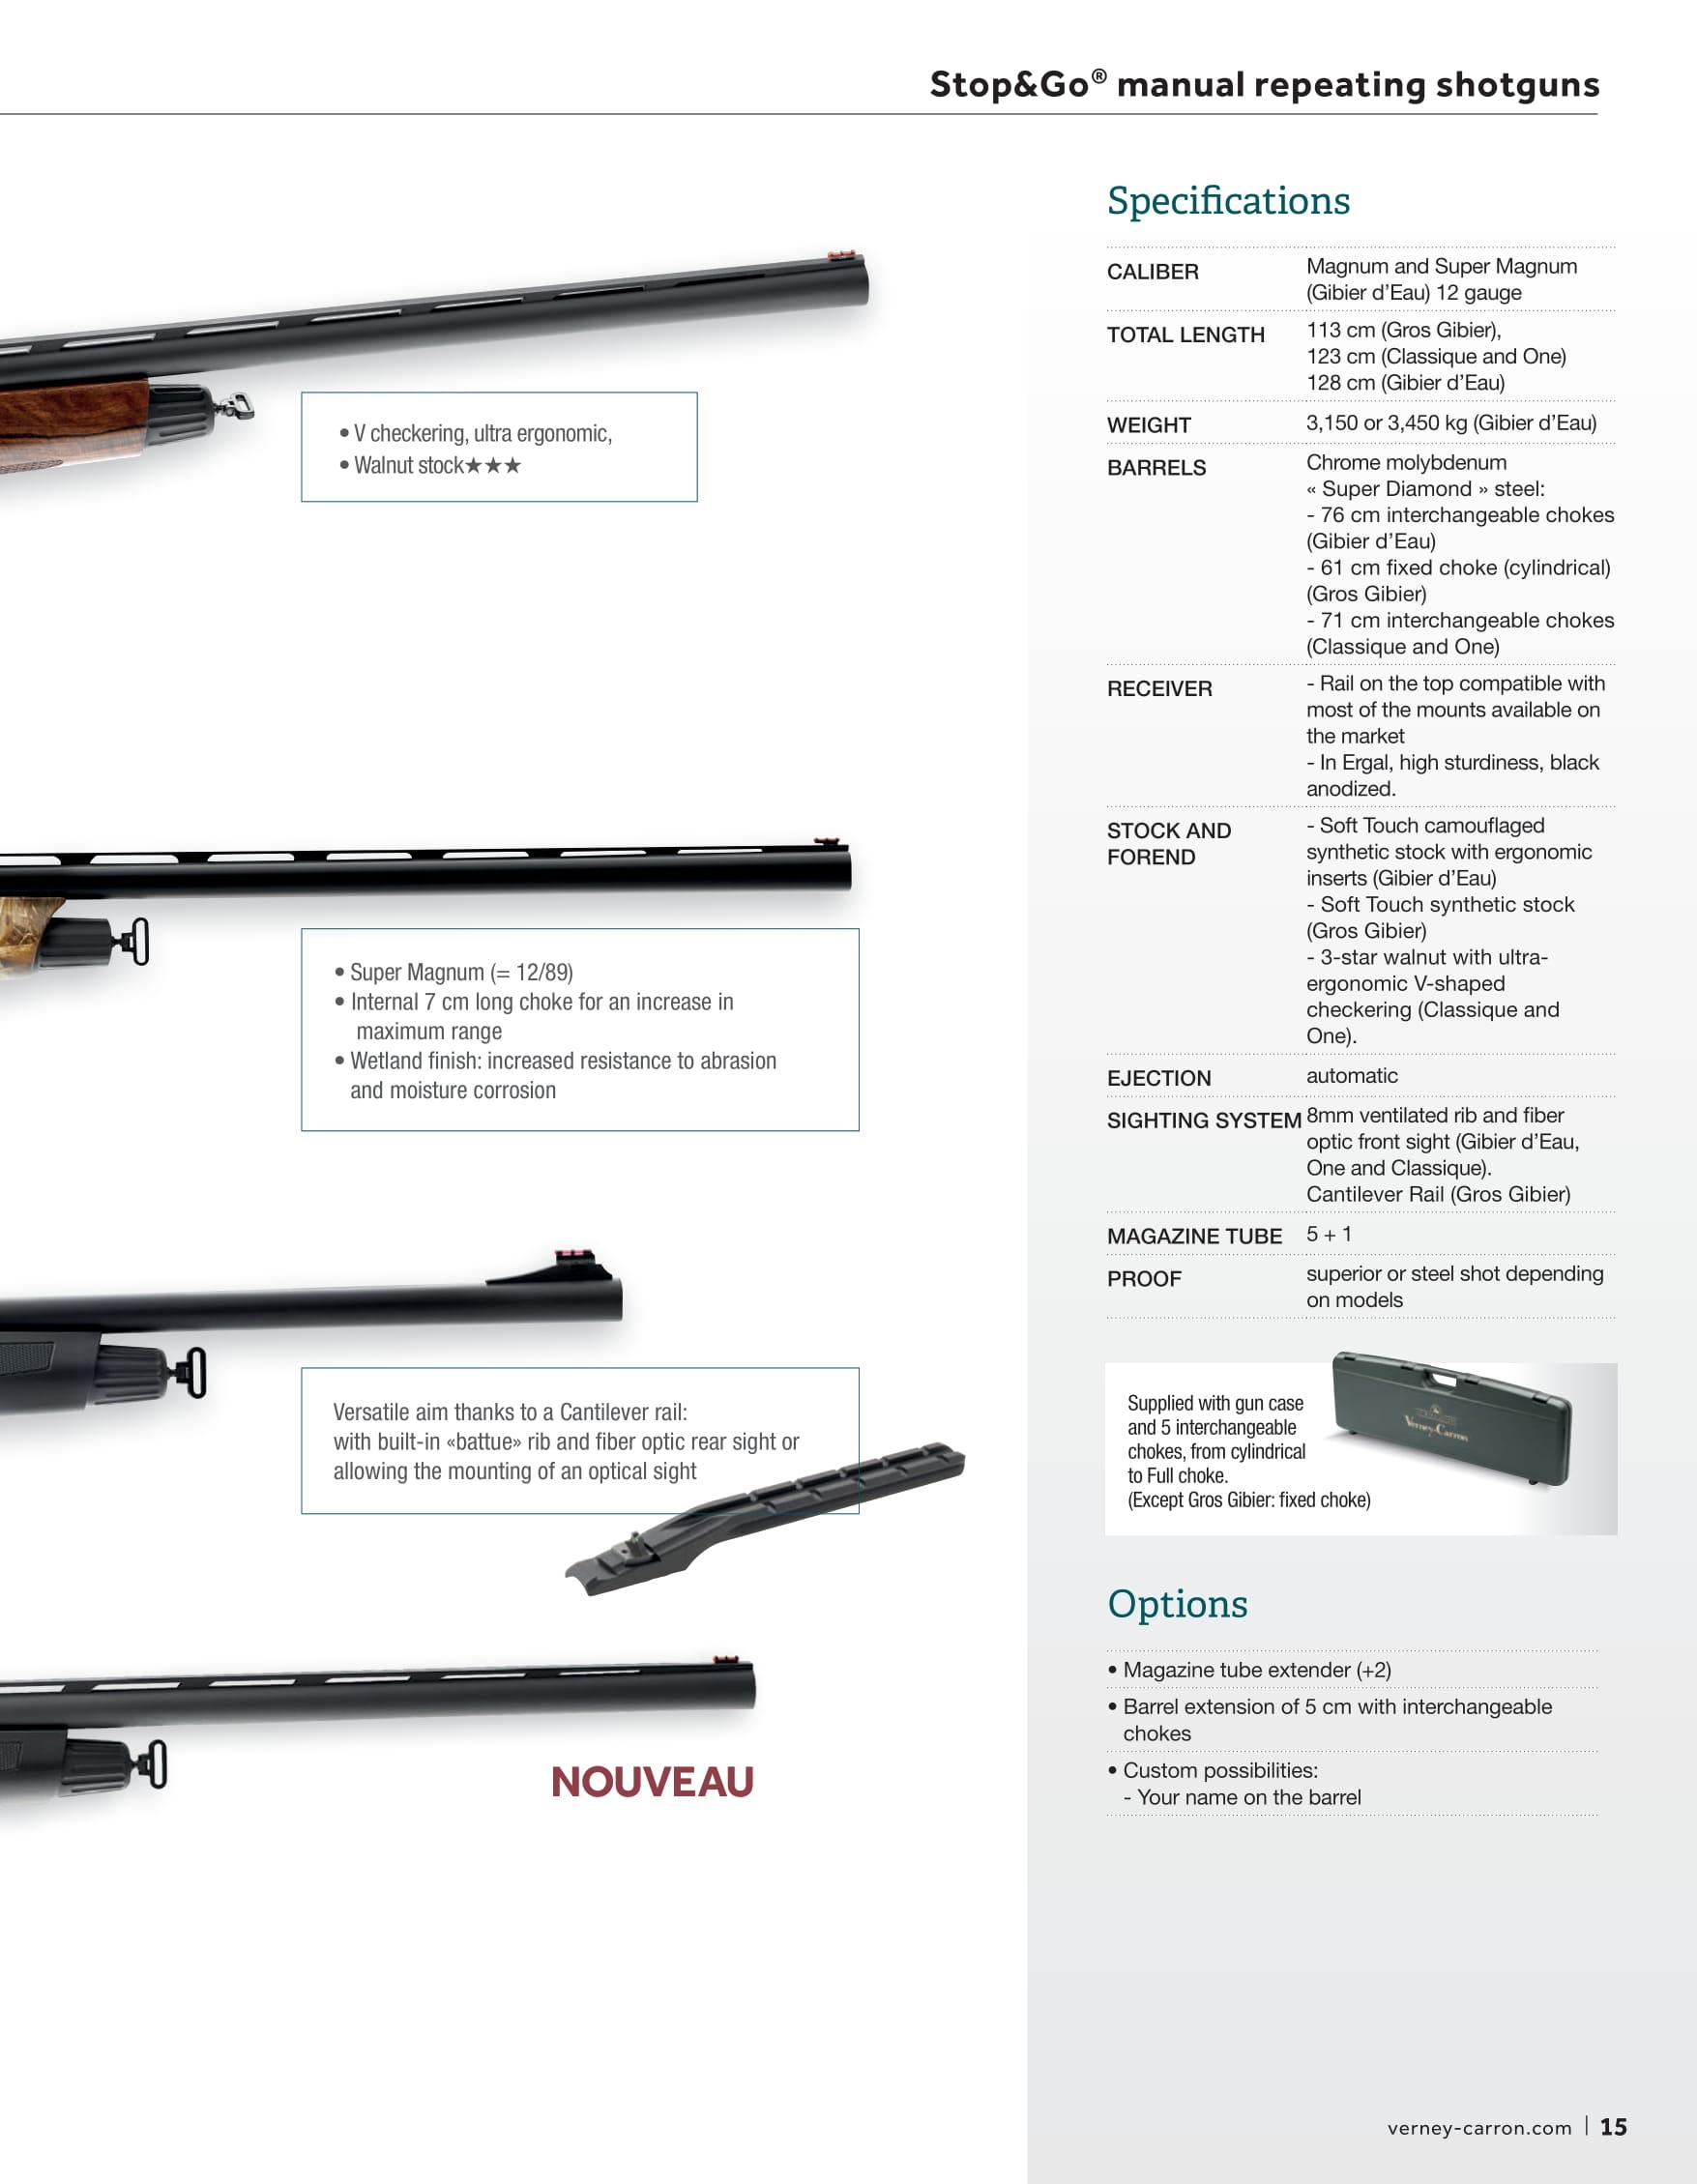 catalogue-2020-verney-carron-17.jpg